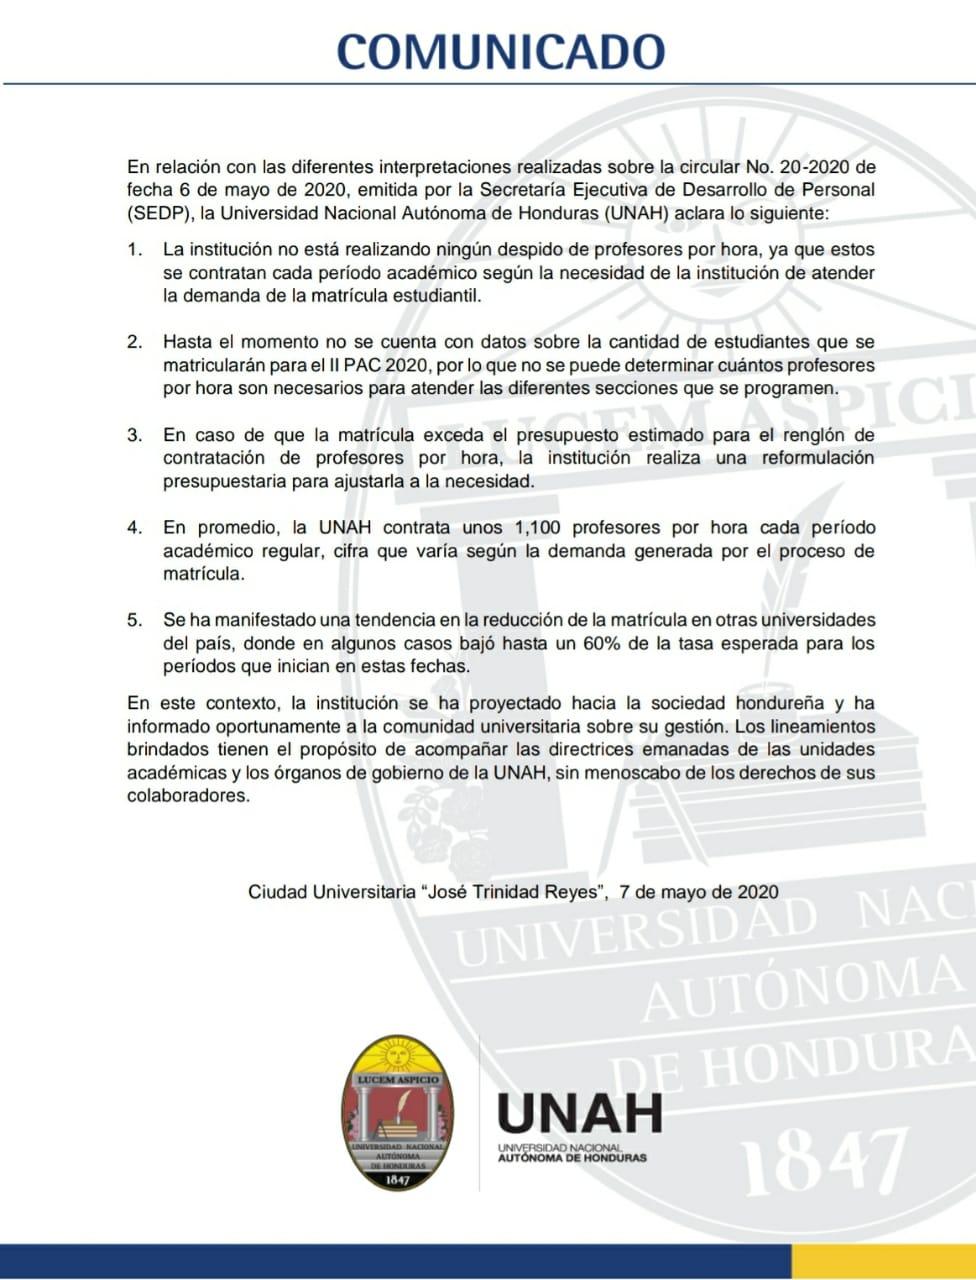 UNAH aclara que 'no ha realizado, ni está realizando' despidos de maestros por hora